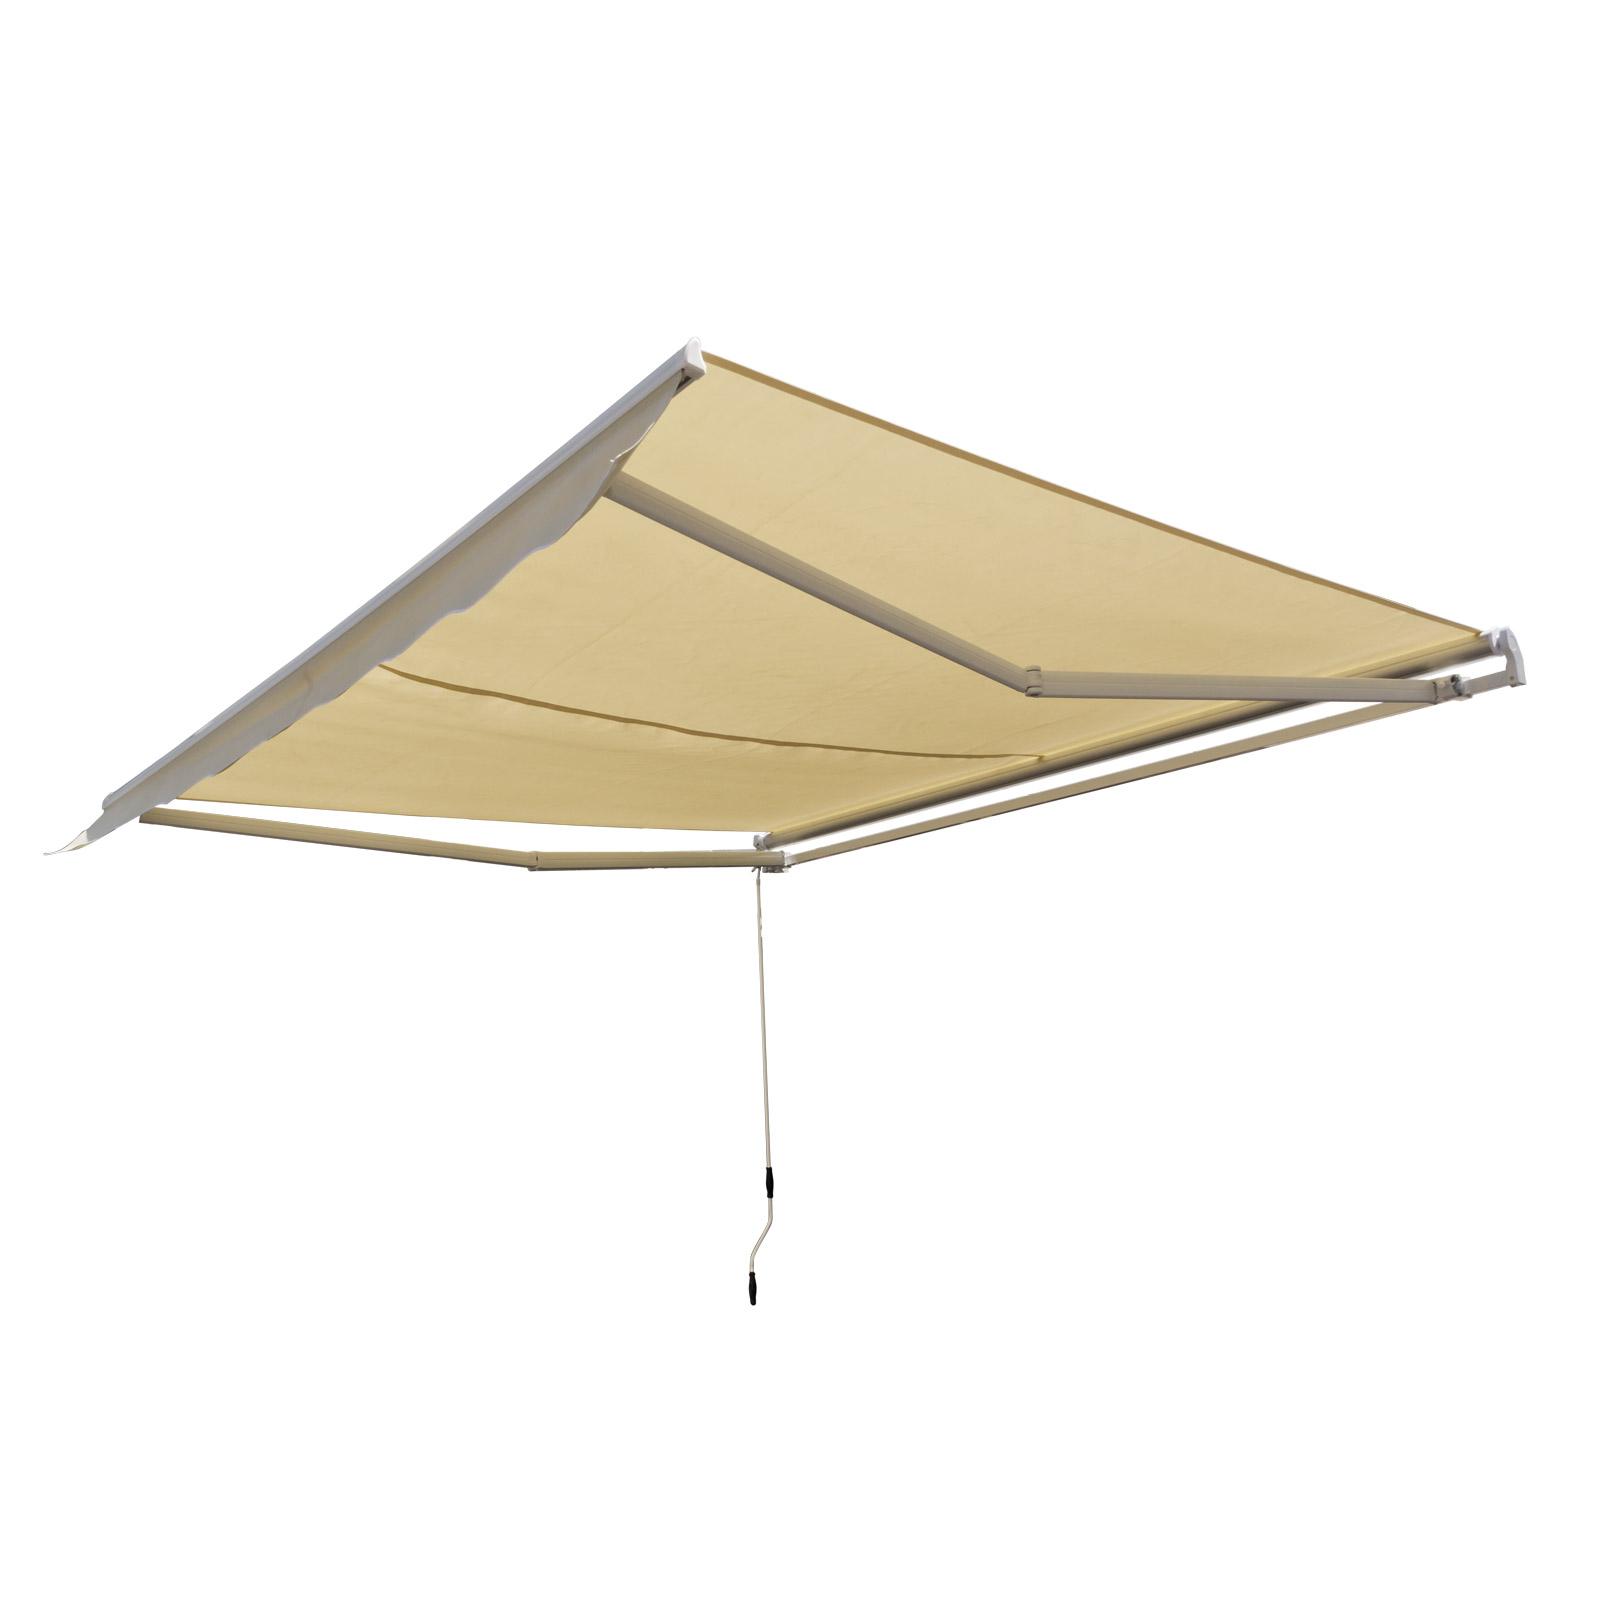 alu markise mit kurbel sonnenschutz berdachung terrasse beige 3 x 2 5 m. Black Bedroom Furniture Sets. Home Design Ideas